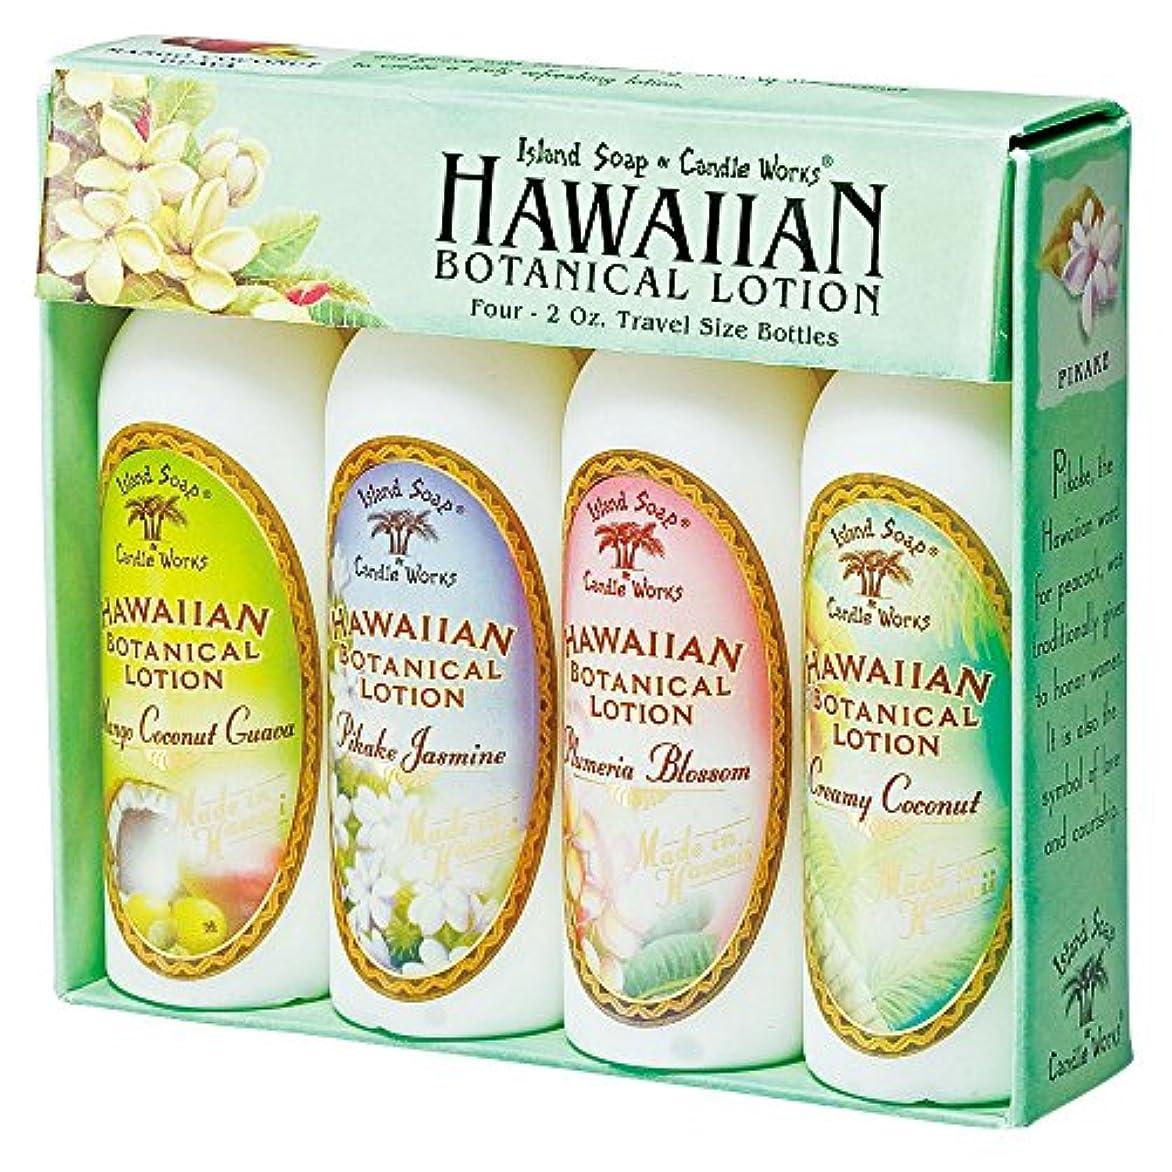 ヘア水を飲む乗算ハワイお土産 ハワイアイランドソープ トロピカルローション ミニ 4種セット